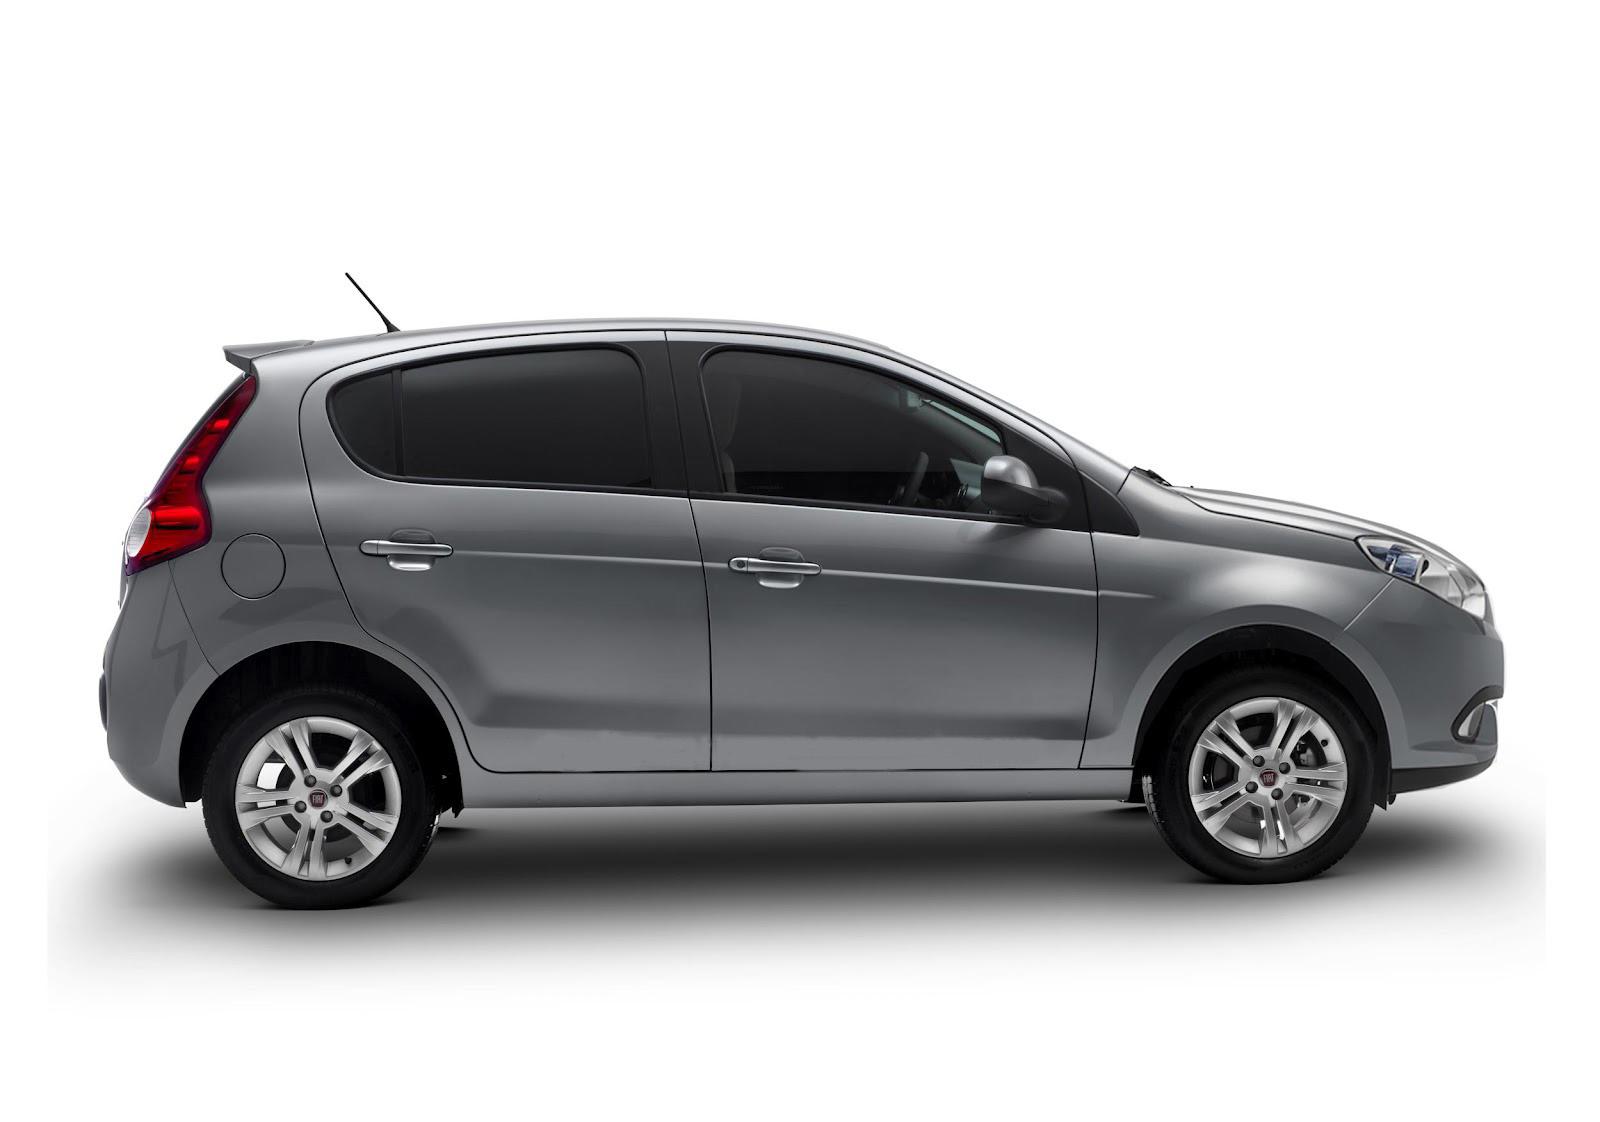 car i Palio Fire Economy 2014